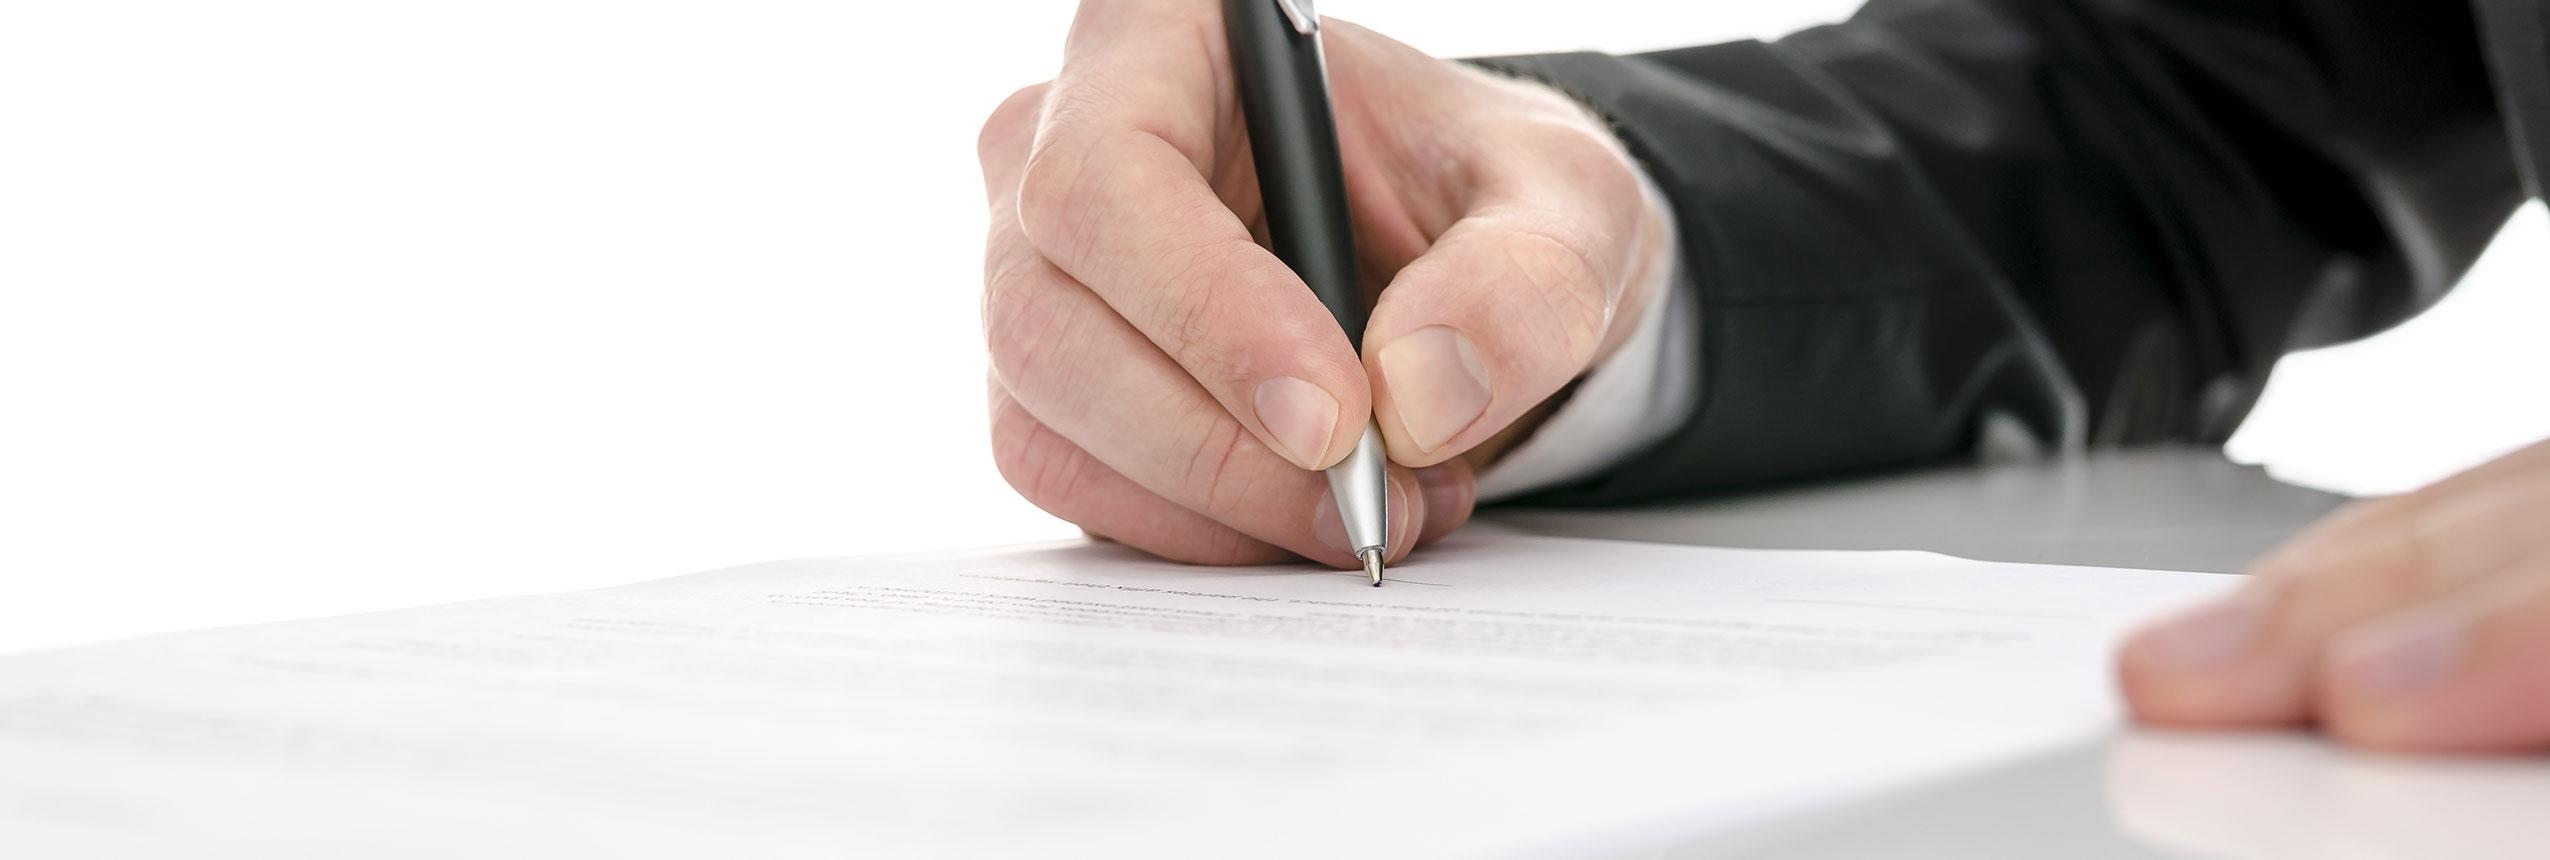 allgemeines vertragsrecht muenchen rechtsanwalt 1 - Verkehrsrecht Vertragsrecht München